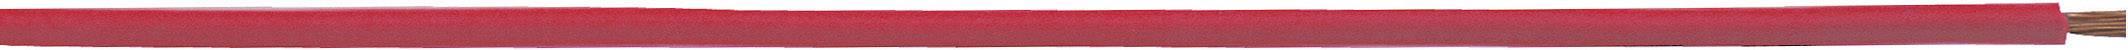 Opletenie / lanko LappKabel 4510922 H05V-K, 1 x 0.75 mm², vonkajší Ø 2.40 mm, 100 m, tmavomodrá, biela